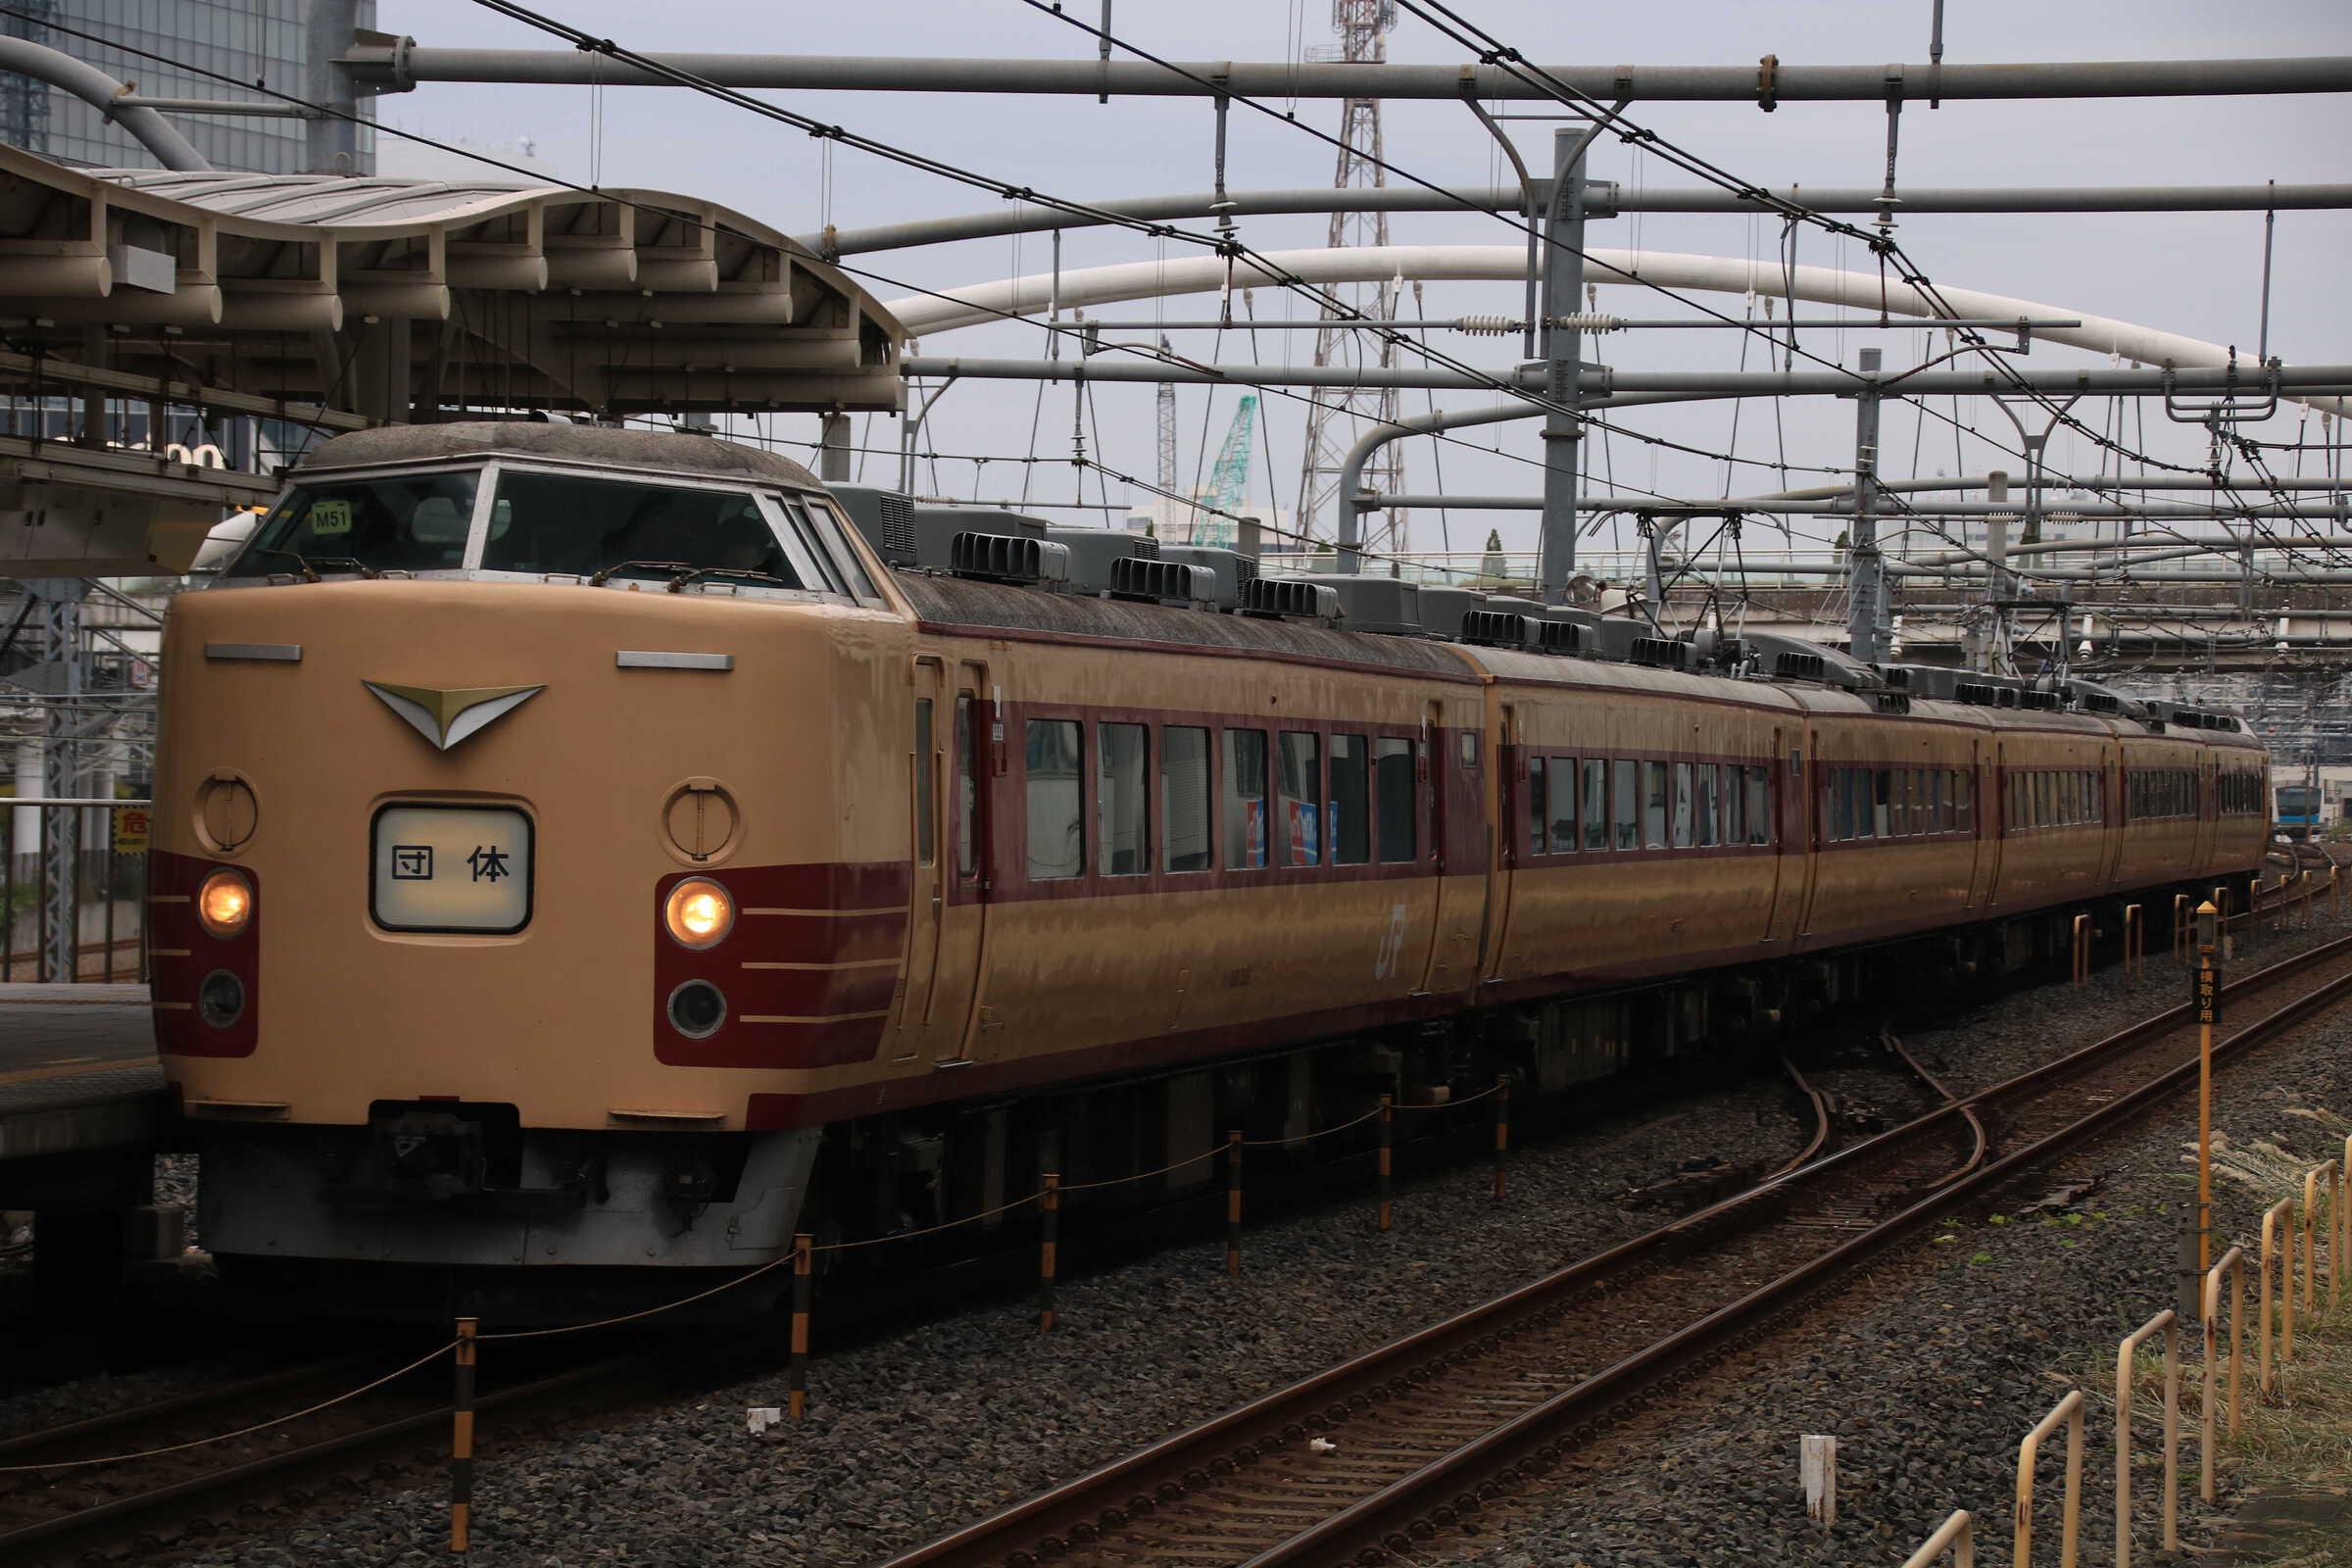 9524M 団臨(高1004, 桐生(小俣)→上野) 189系 八トタM51編成